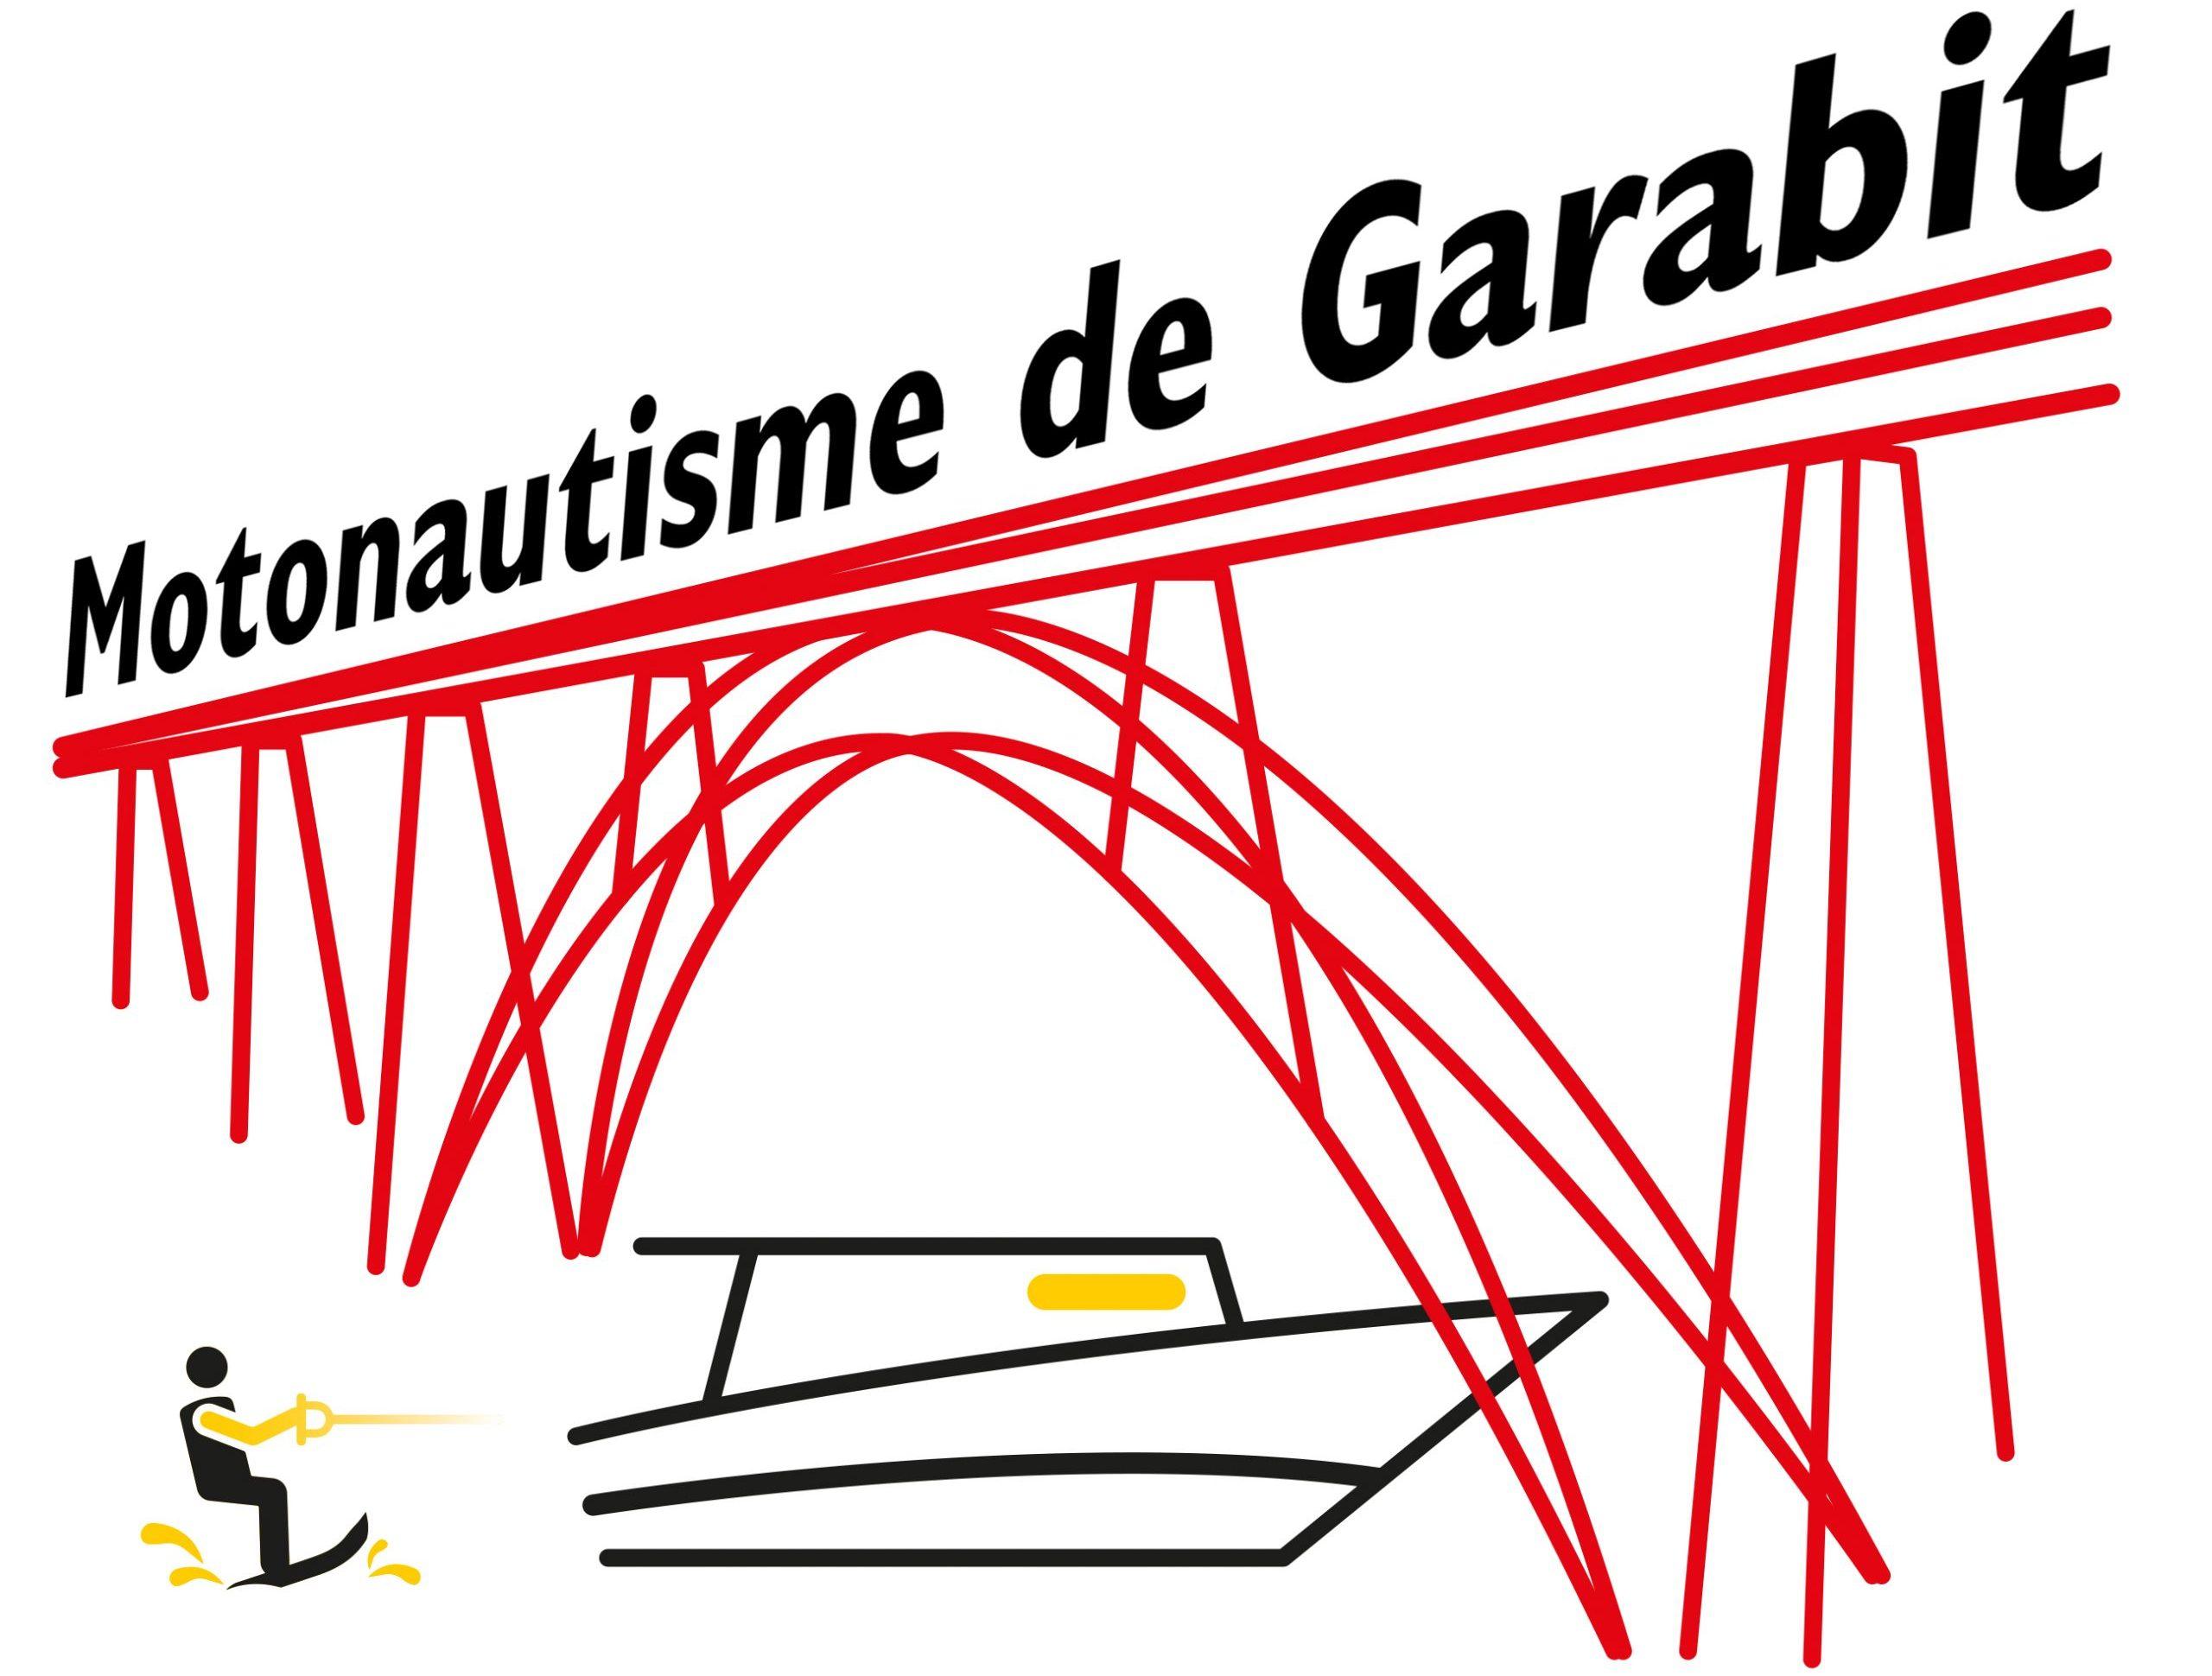 Motonautisme de Garabit